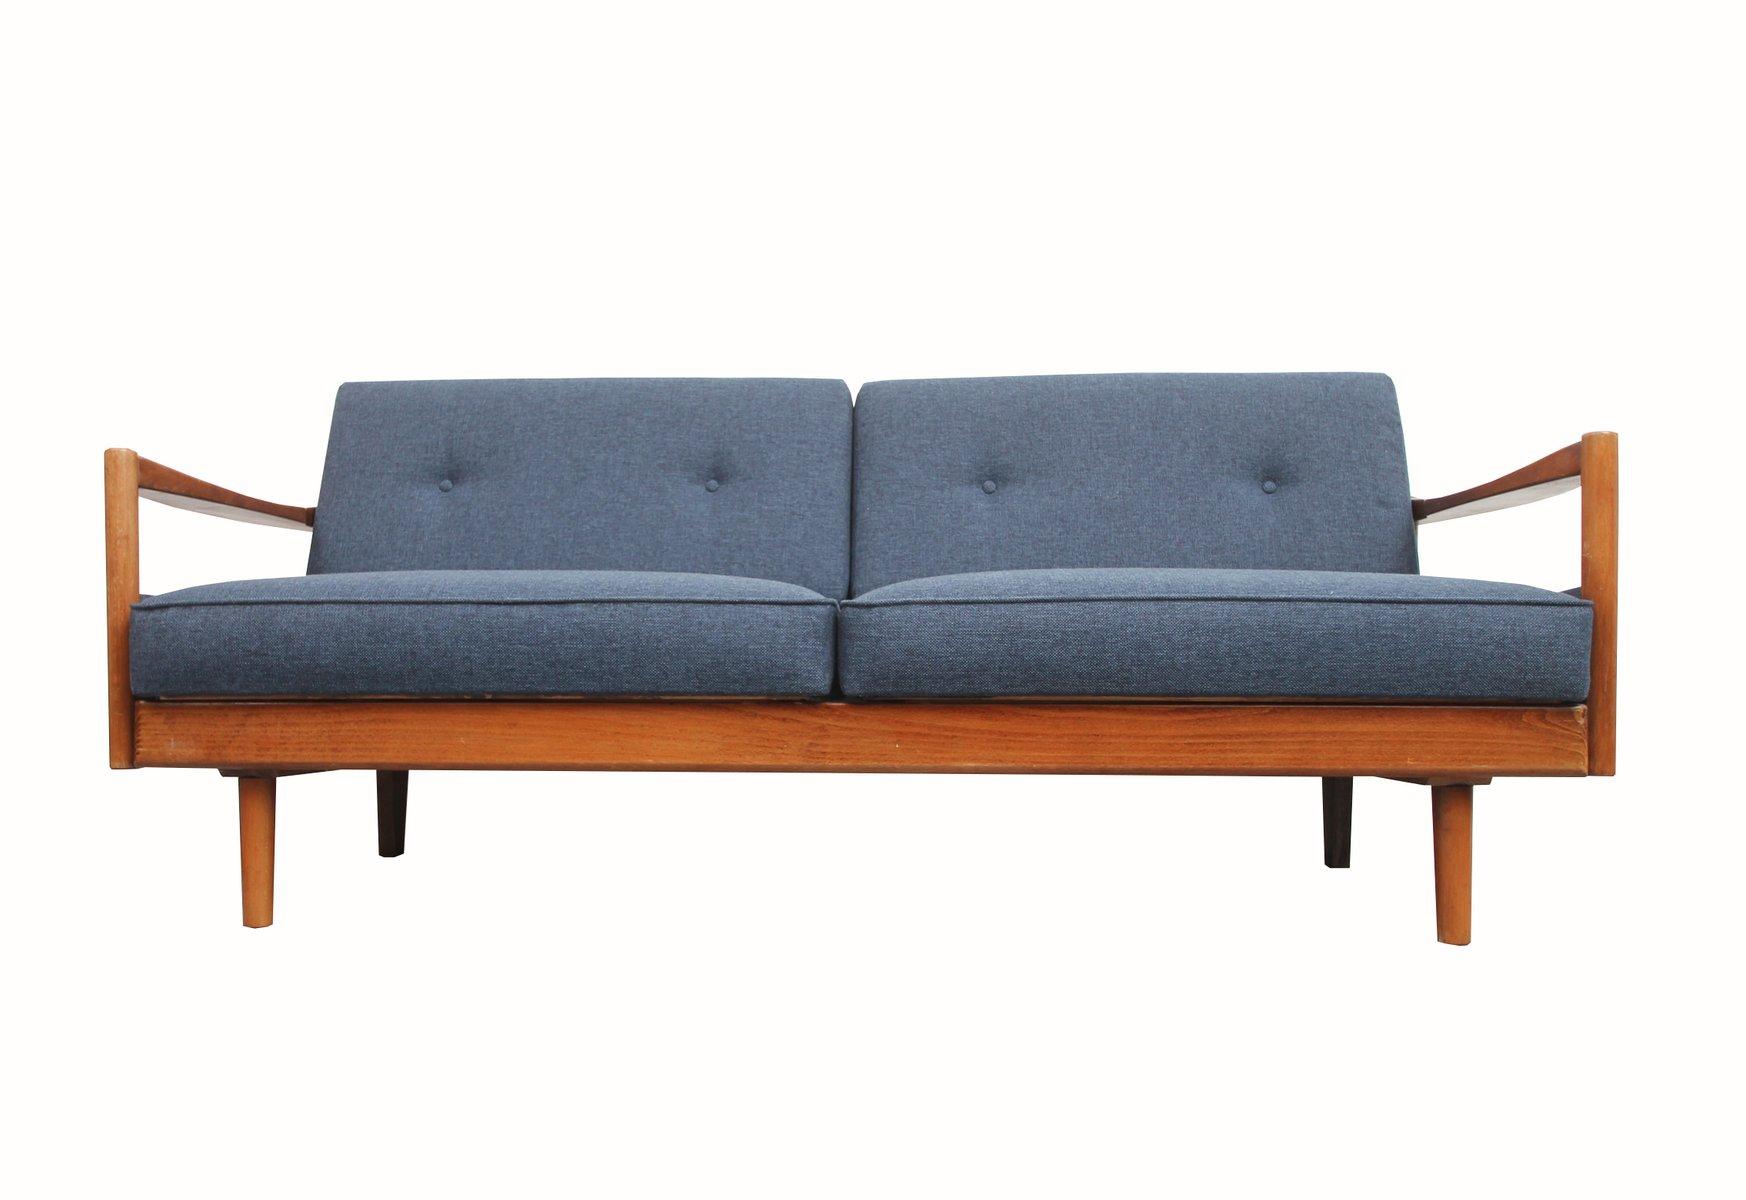 Deutsches 2-Sitzer Sofa in Blau, 1960er